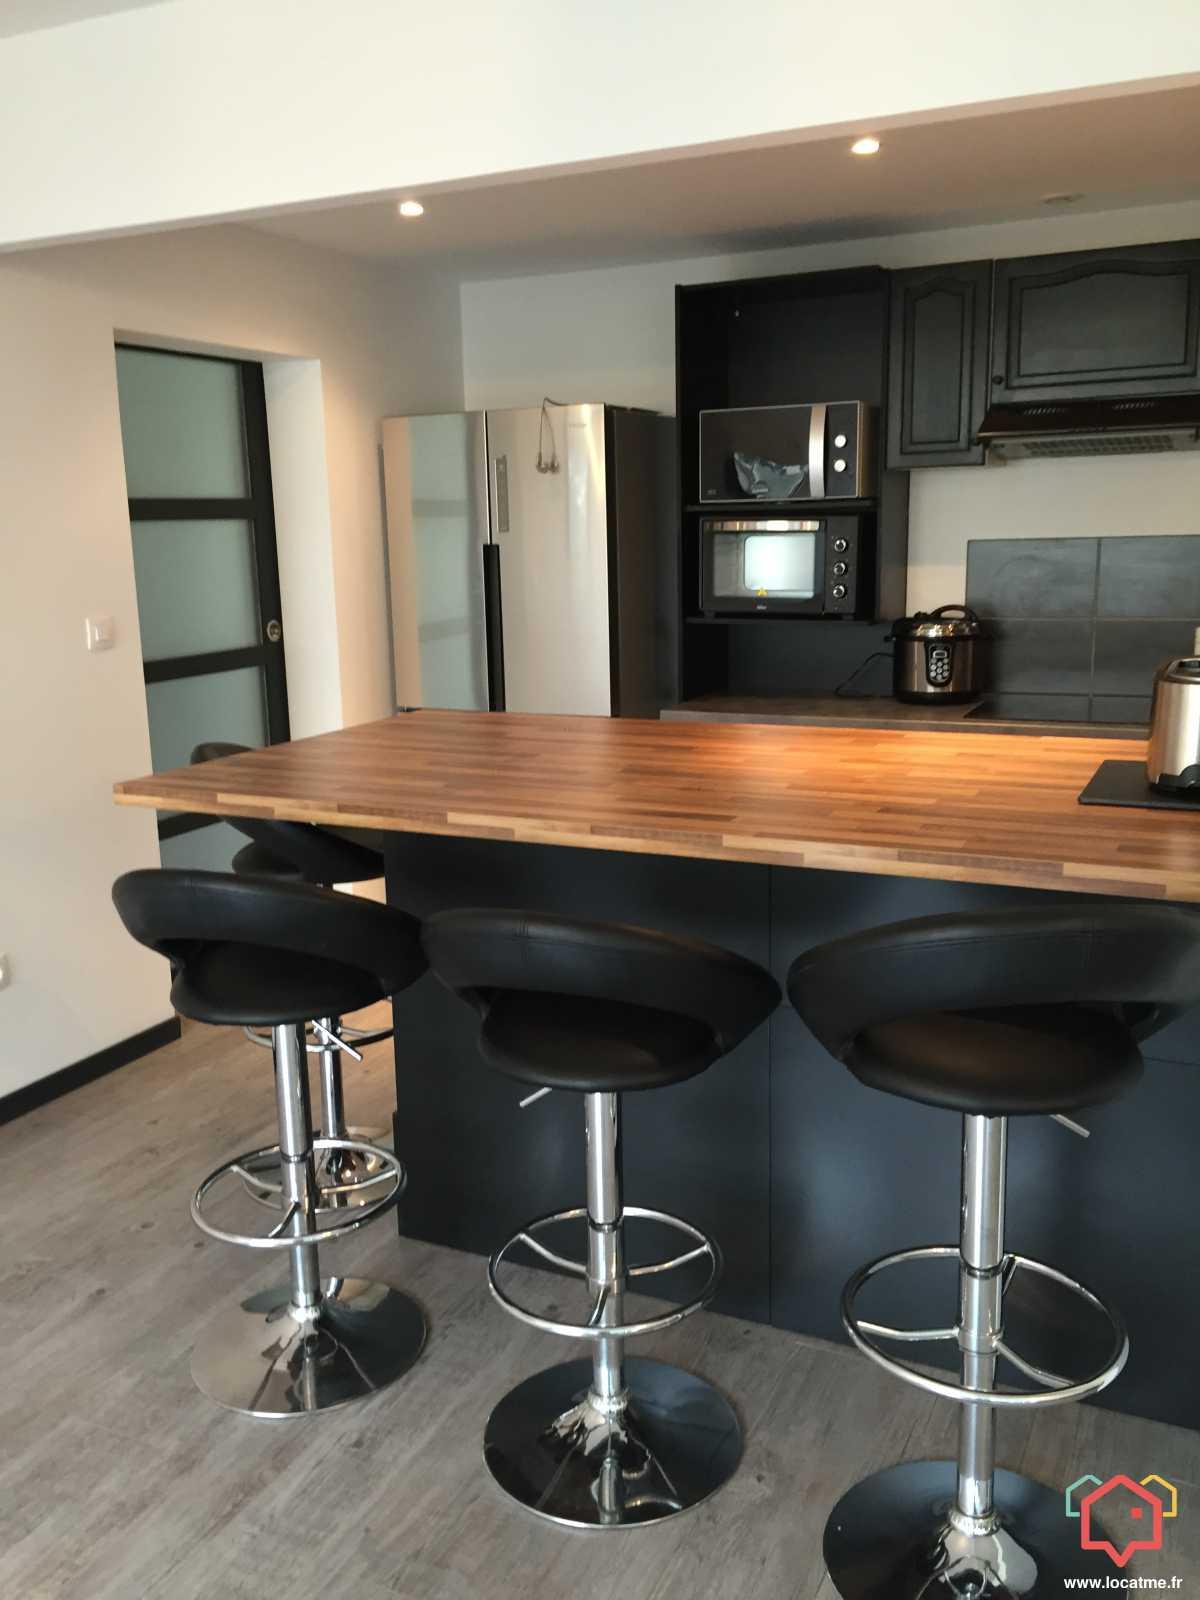 ordinaire Appartement meublé de 110m2 à louer à Lille